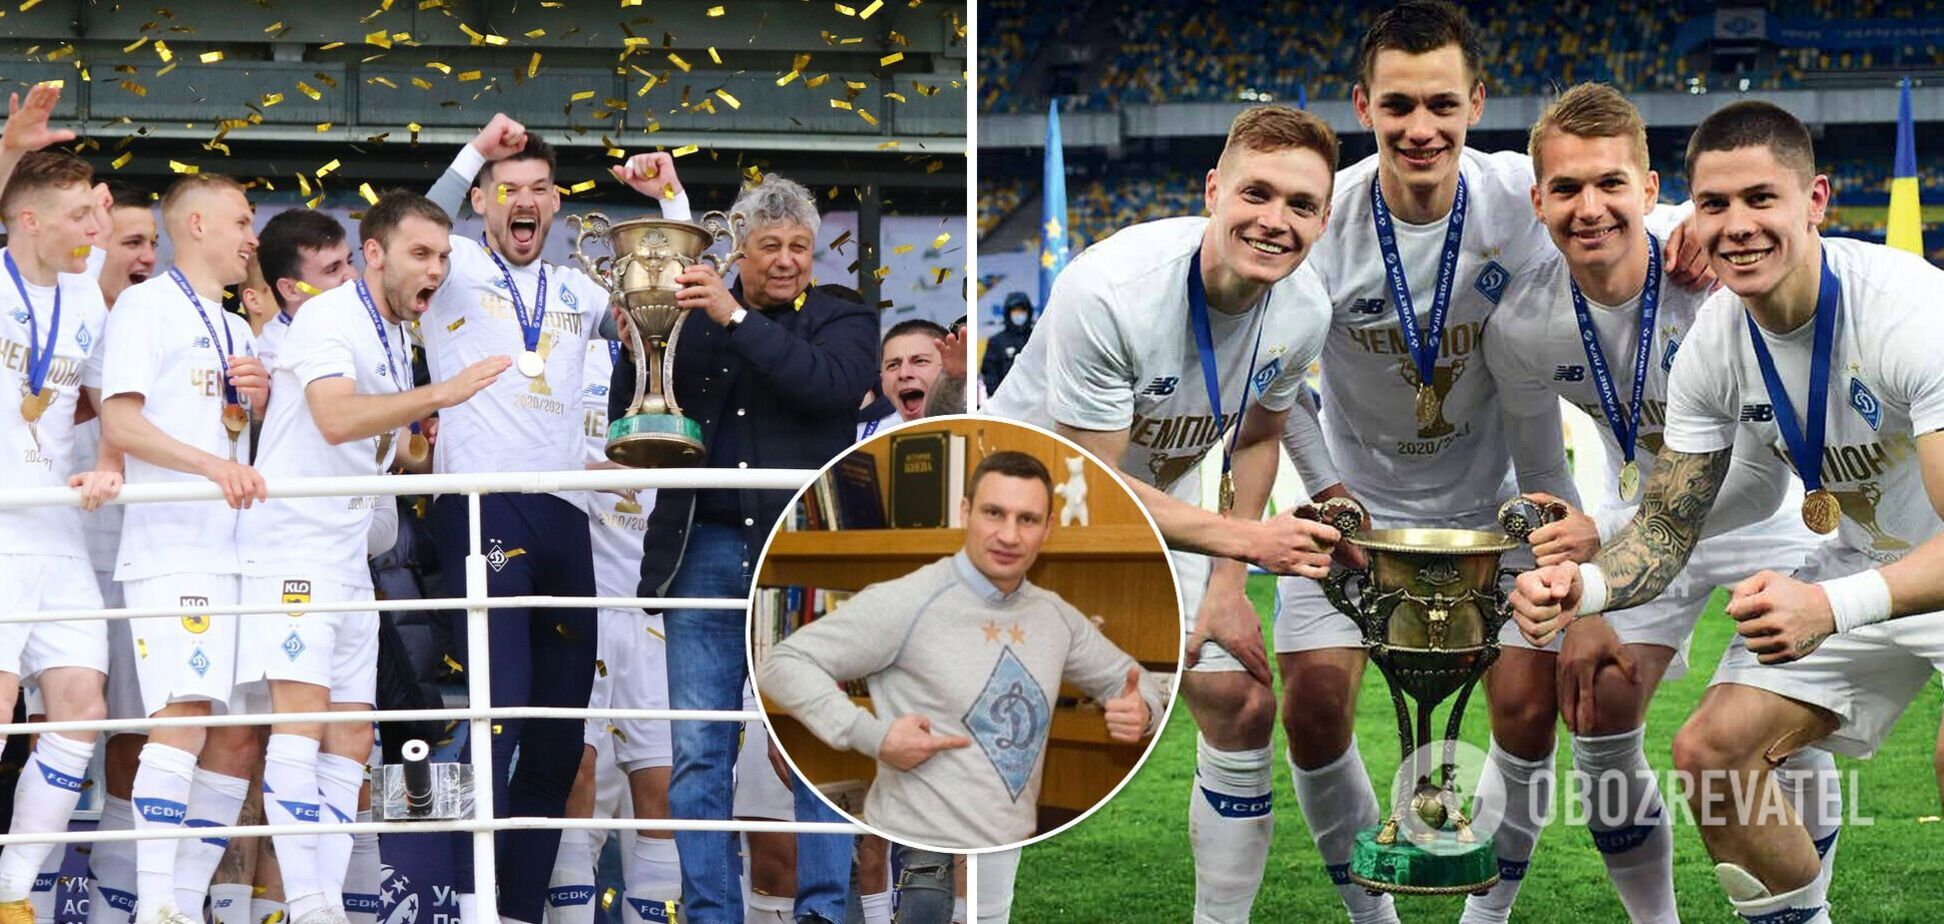 Мудрость тренера и вдохновение: Кличко поздравил 'Динамо' с чемпионством и назвал факторы победы